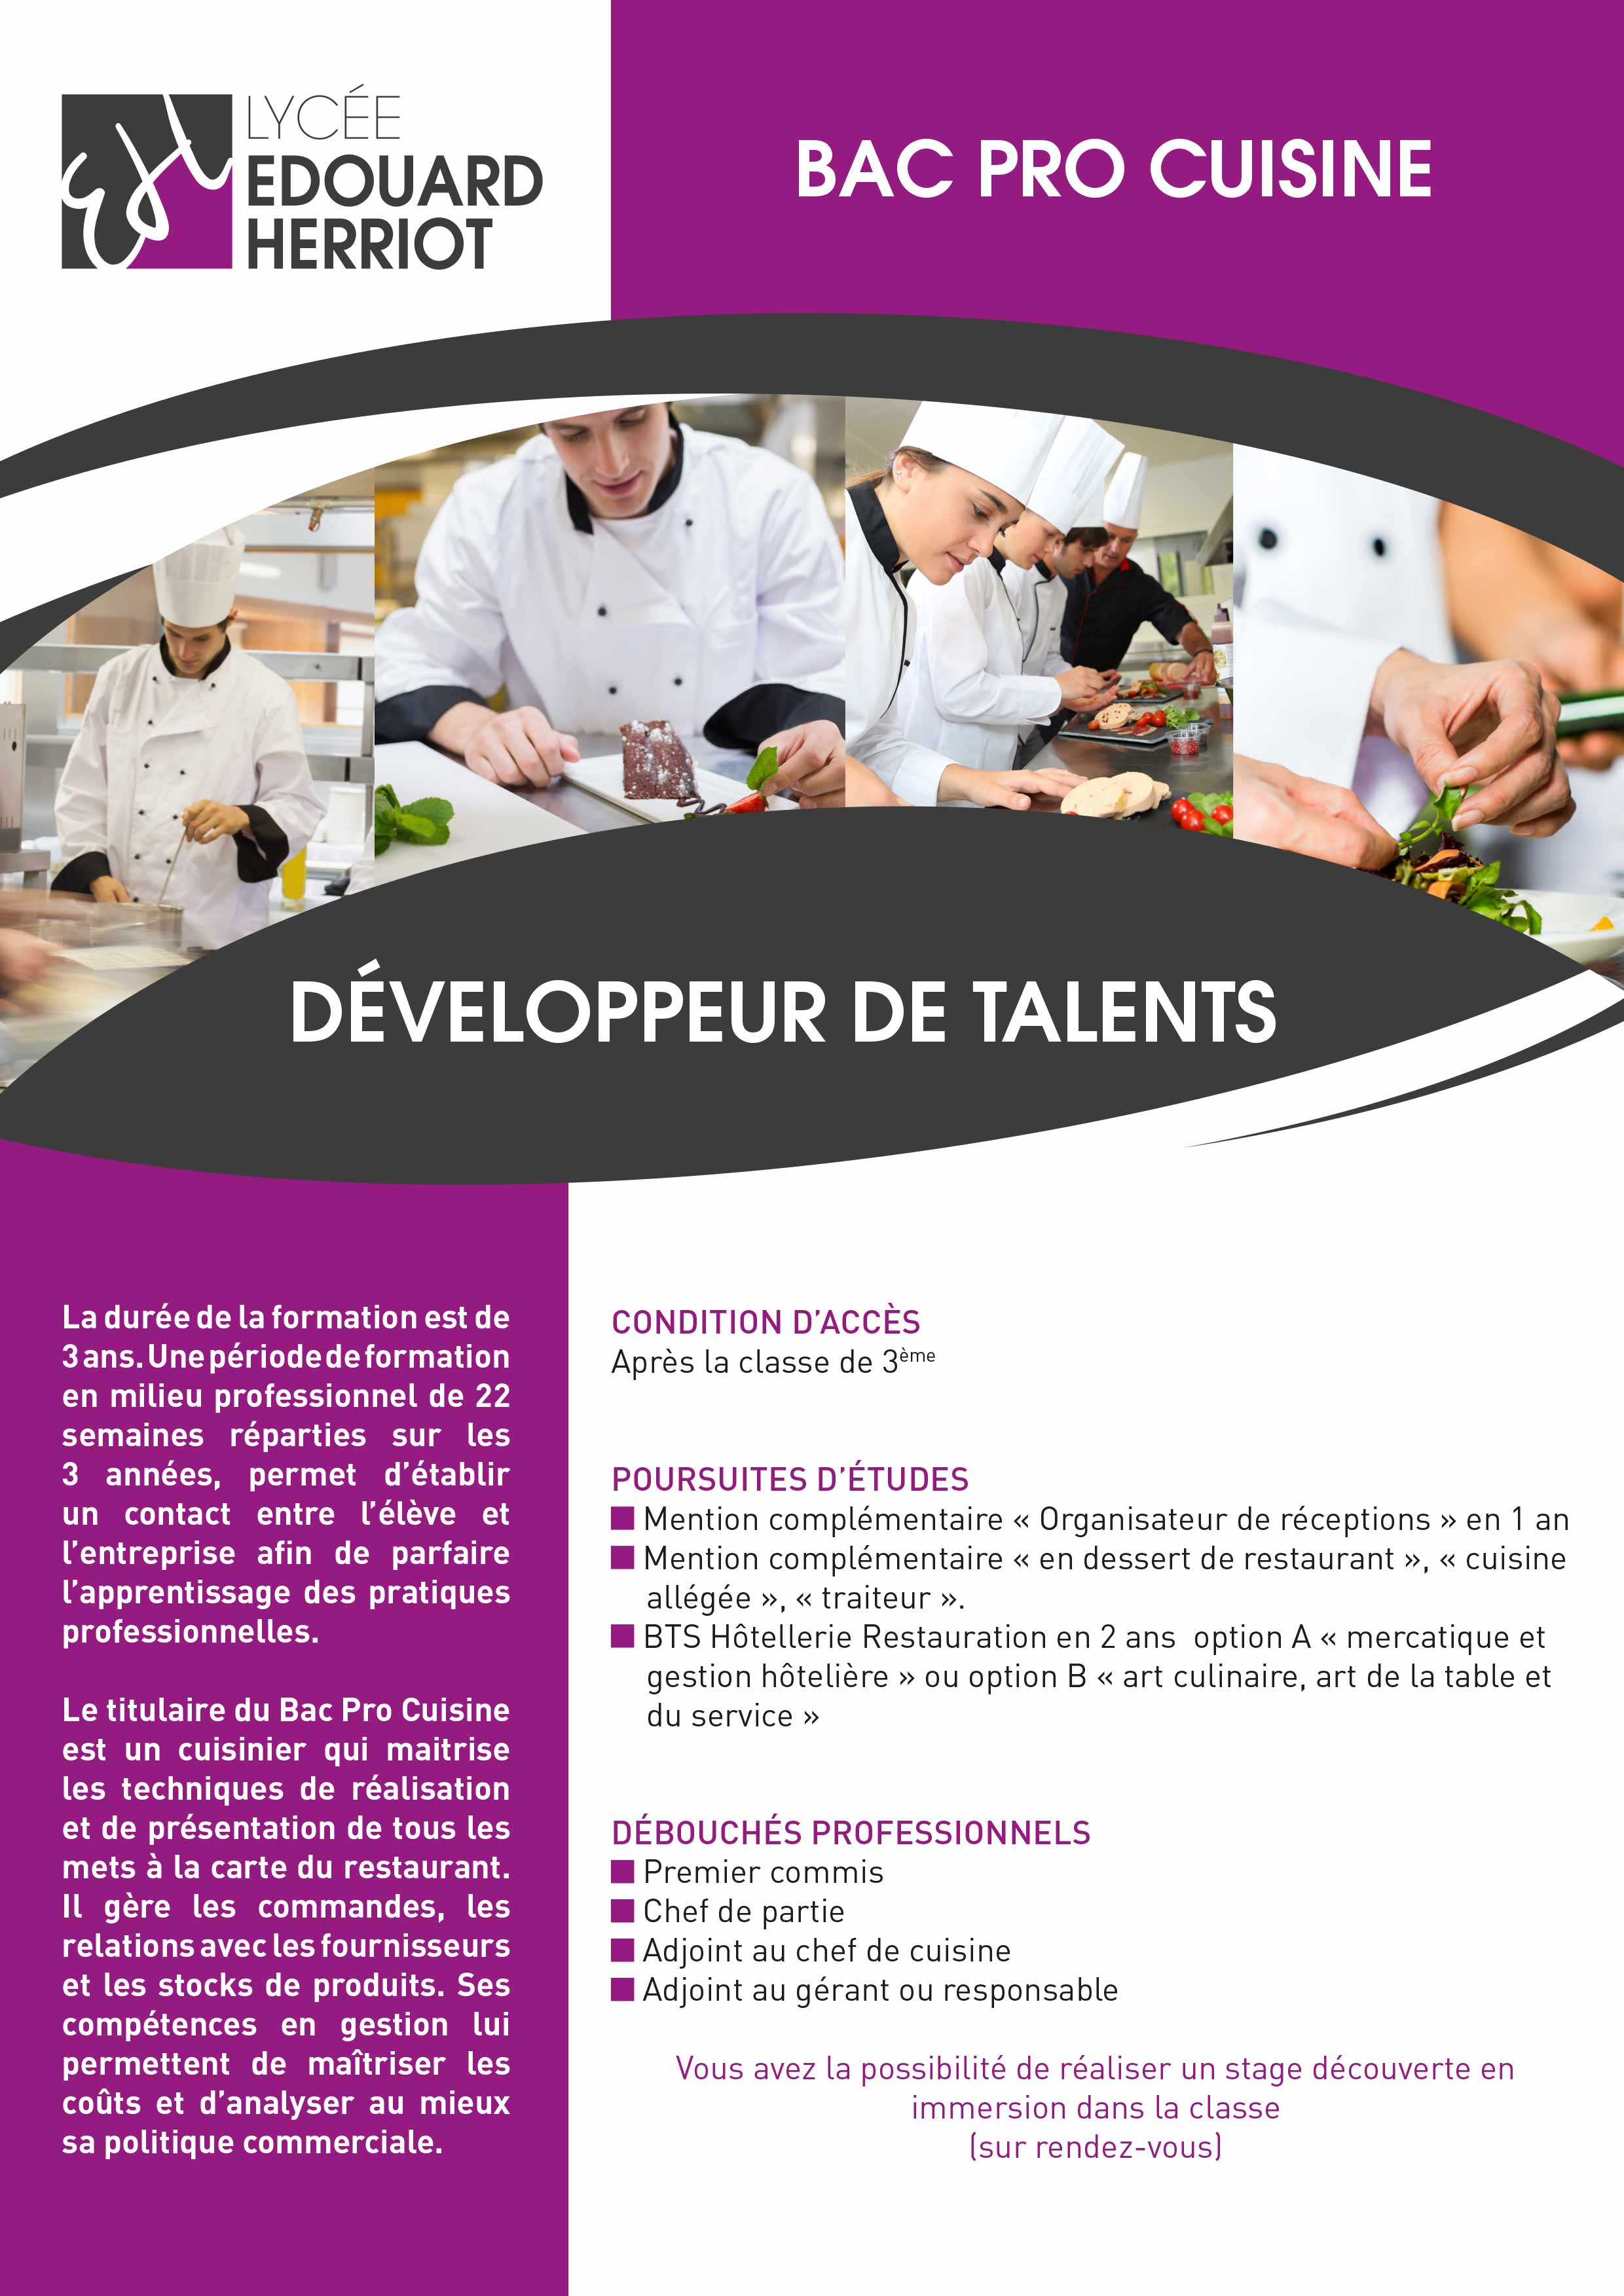 Bac pro cuisine lyc e edouard herriot - Fiche bilan de competences bac pro cuisine ...